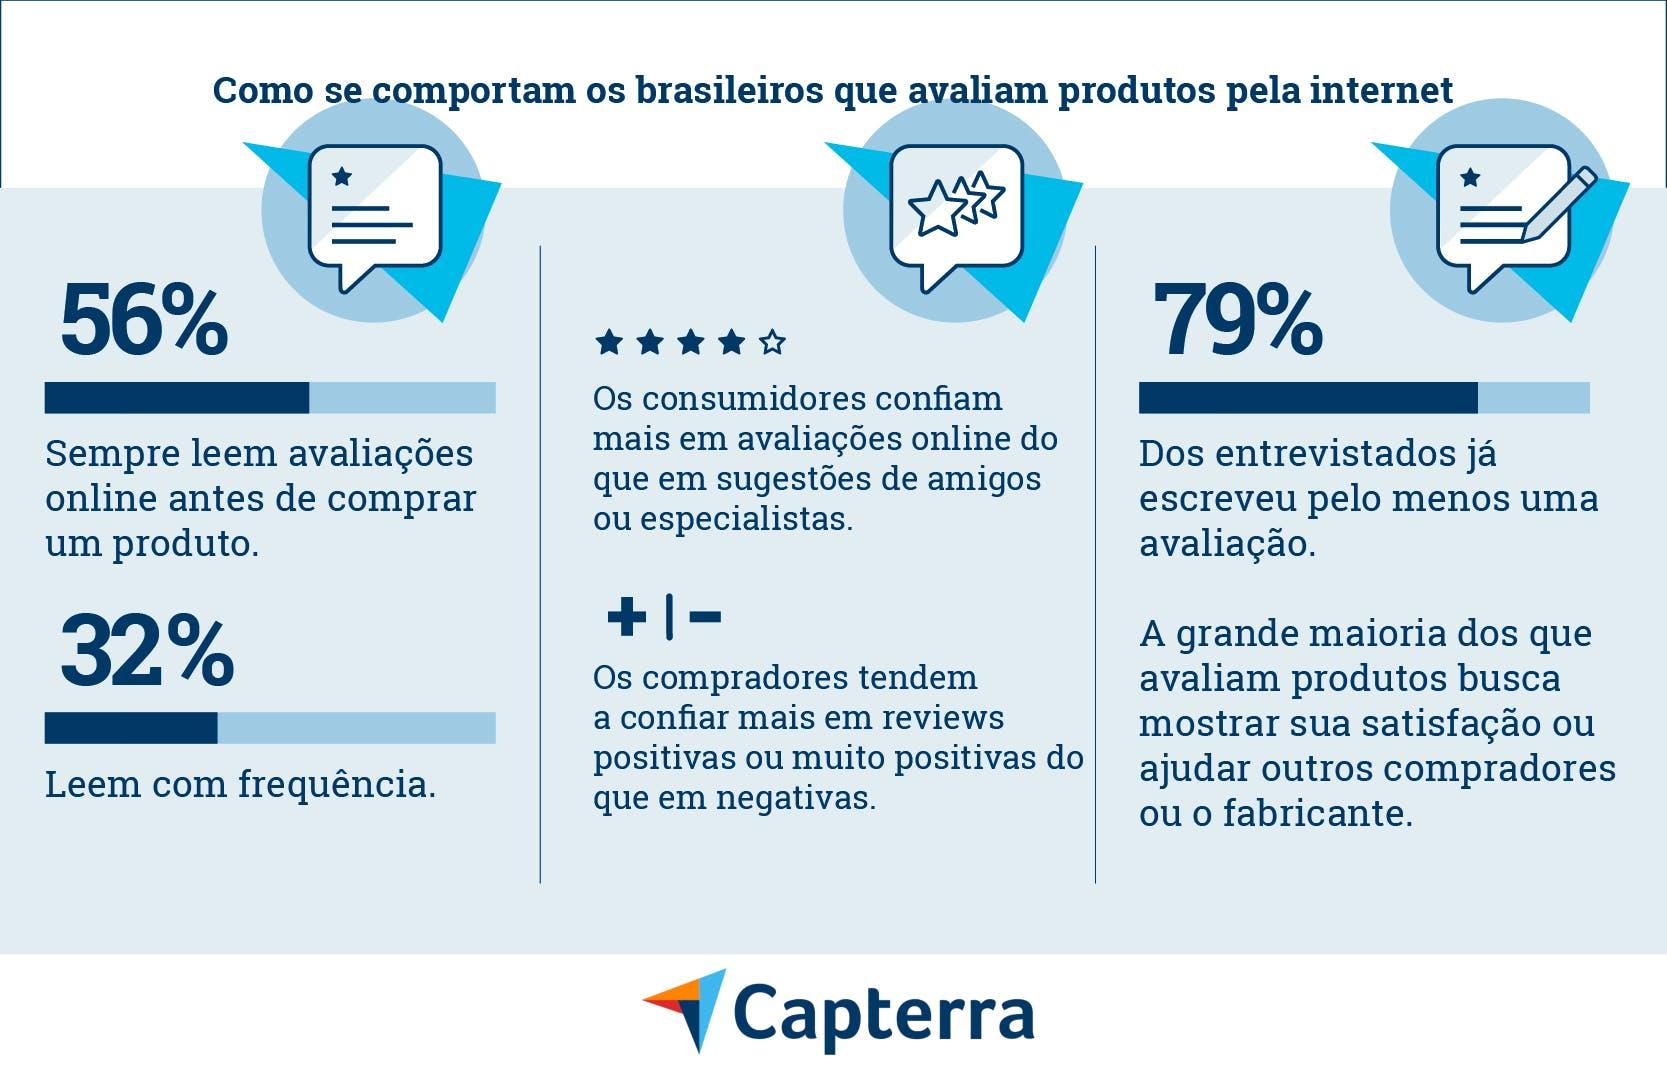 ilustração comportamento avaliadores brasileiros